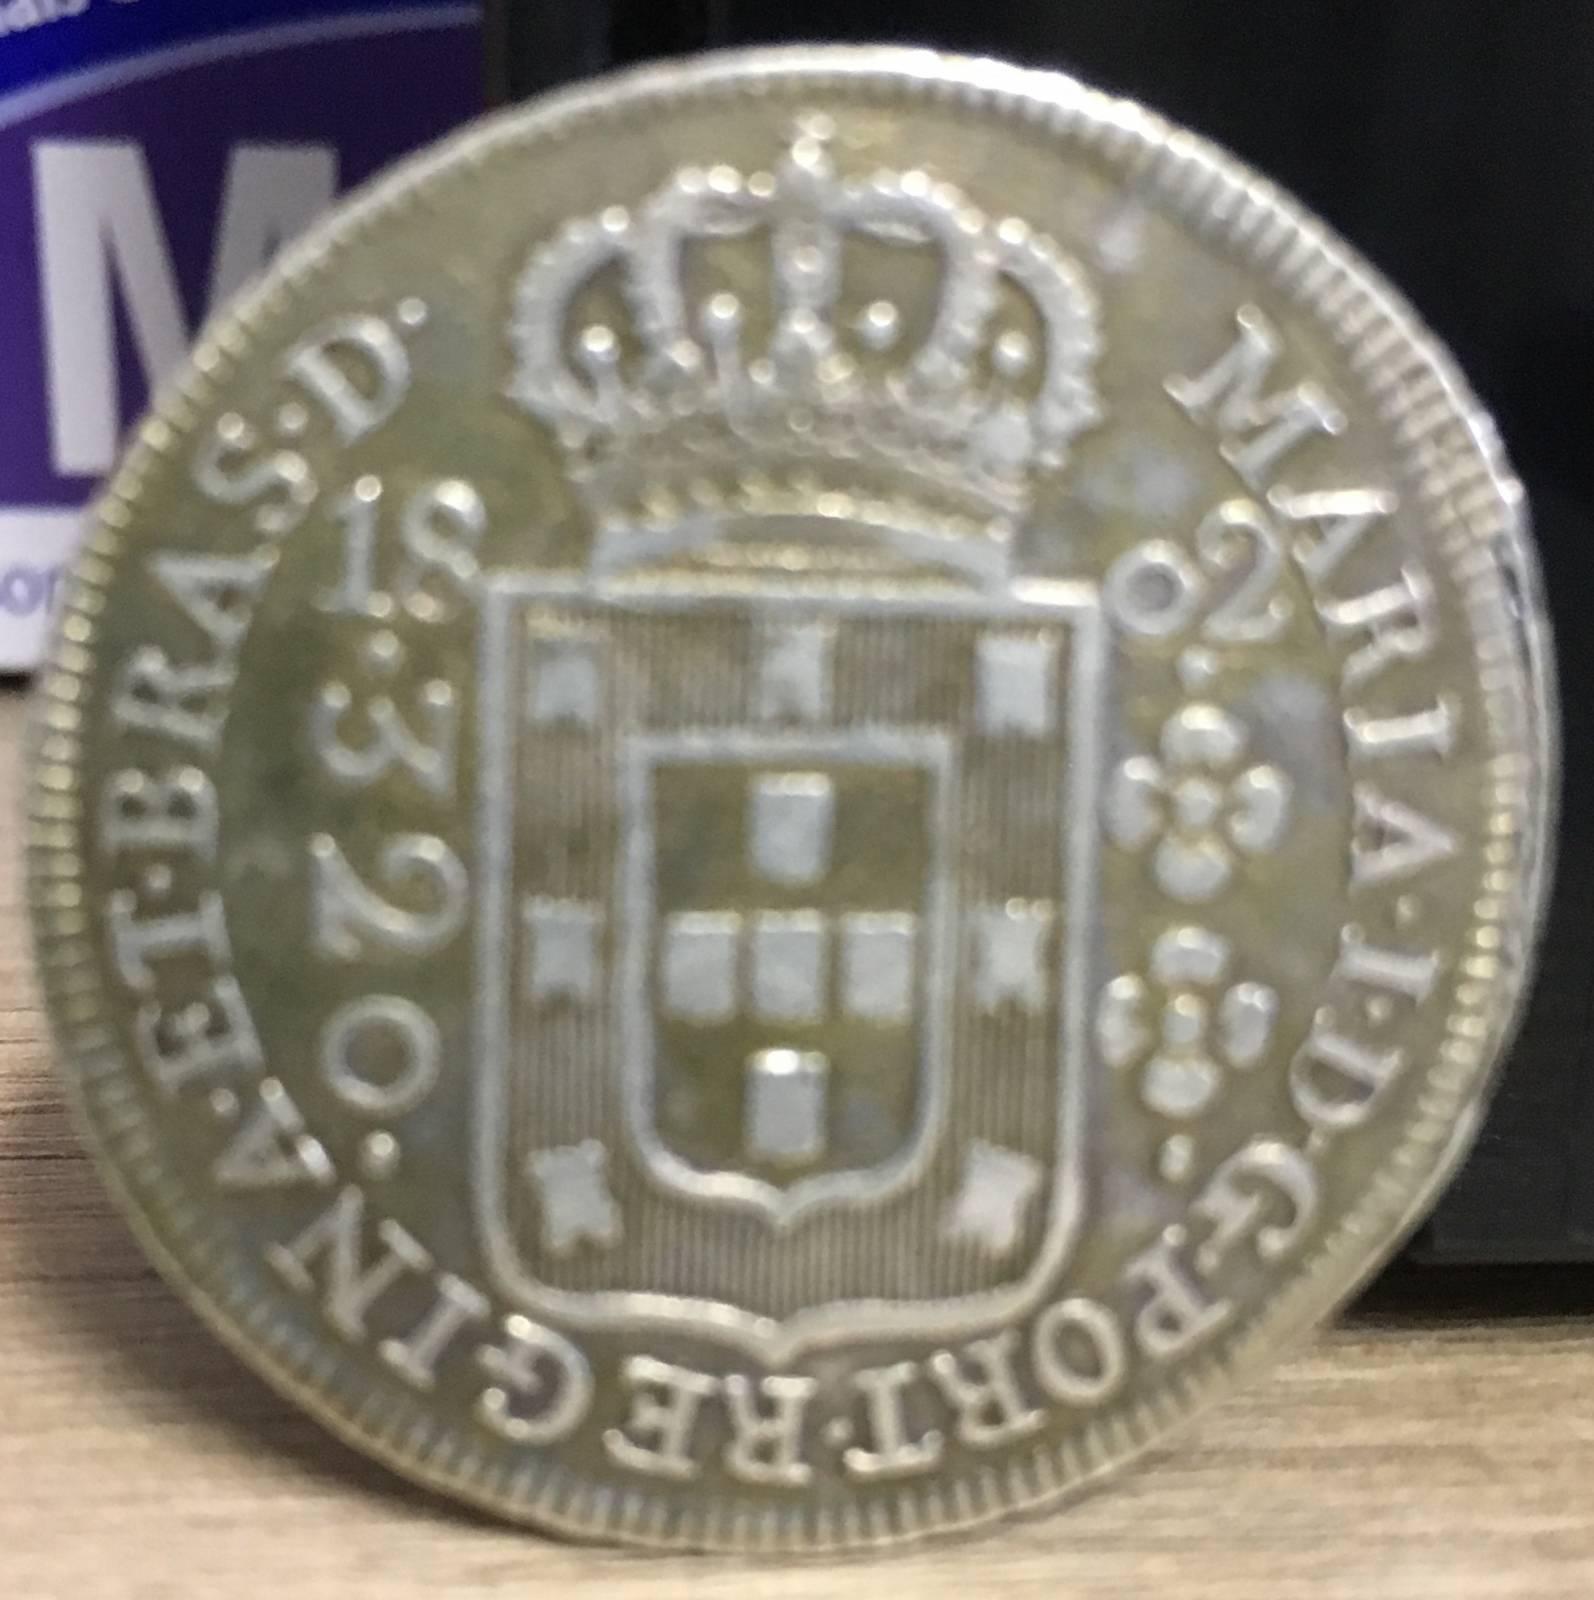 Catálogo Vieira Nº 275 - 320 Réis 1802R - Numismática Vieira